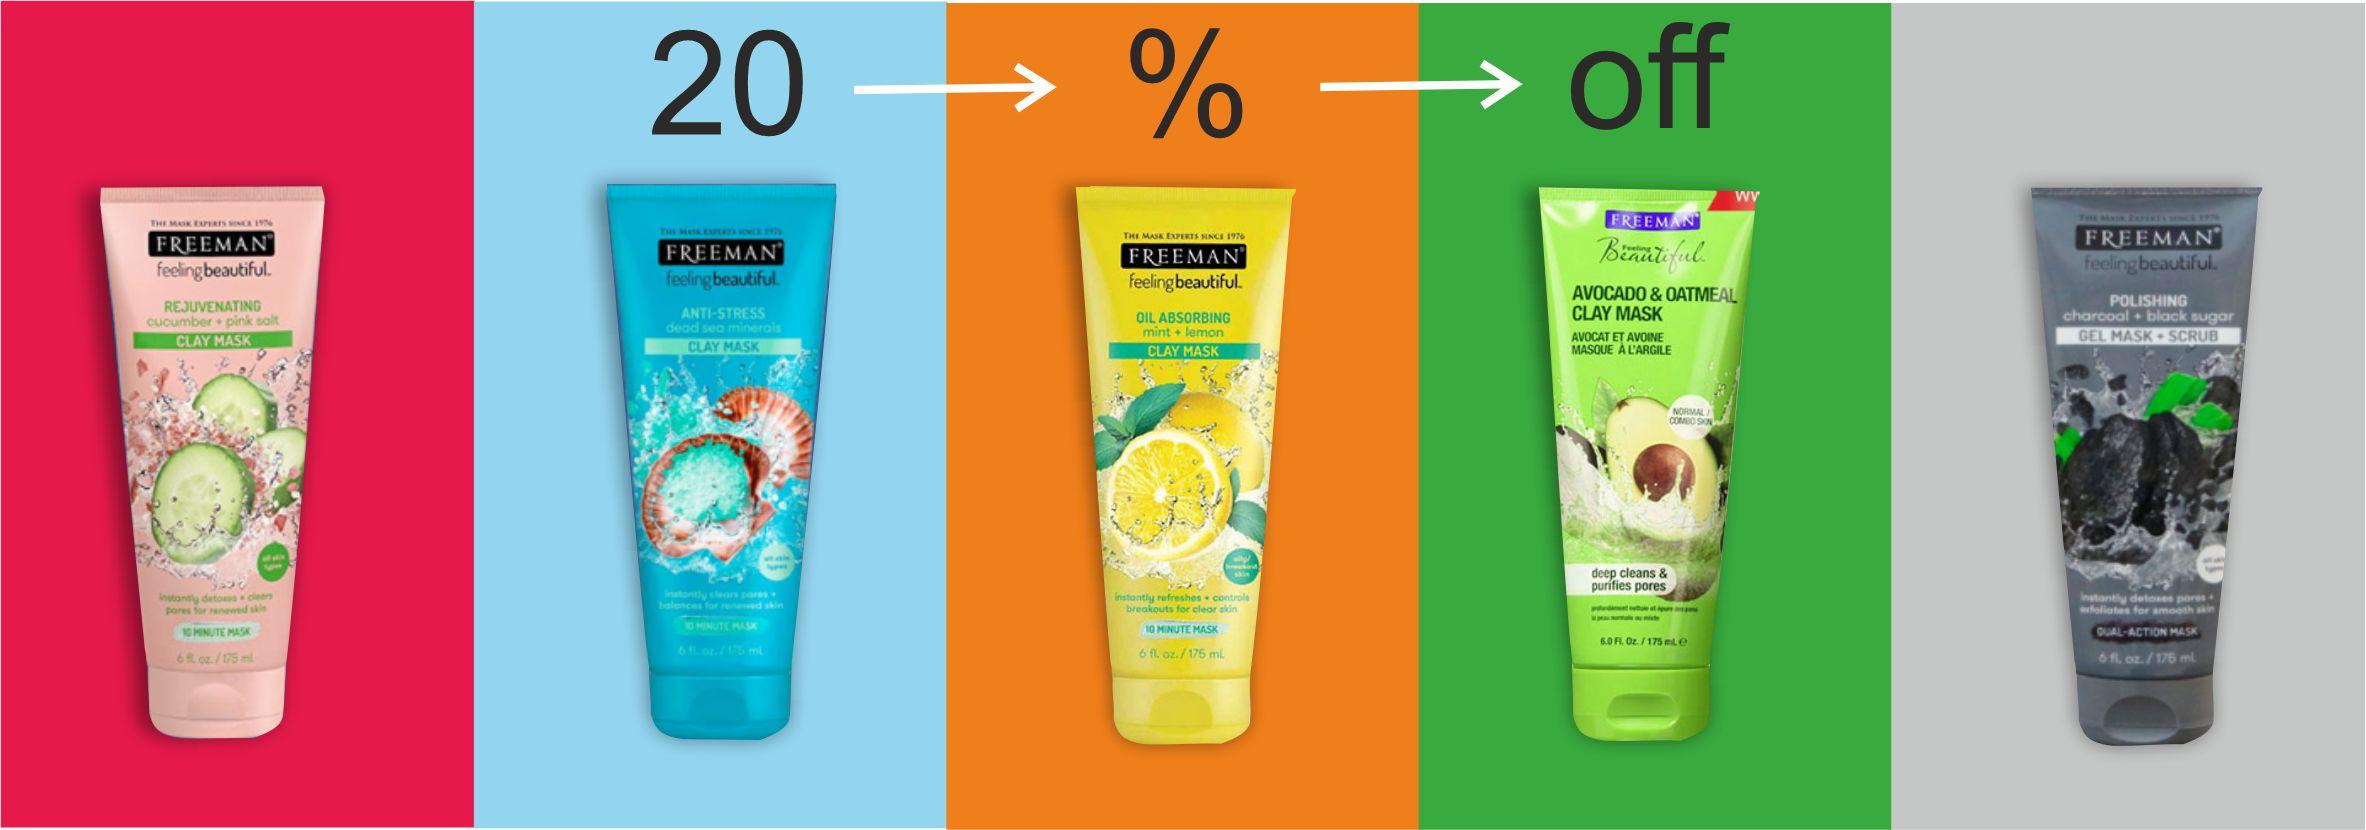 خرید محصولات فریمن | ماسک صورت فریمن با قیمت استثنایی | بیشتر از 25%تخفیف